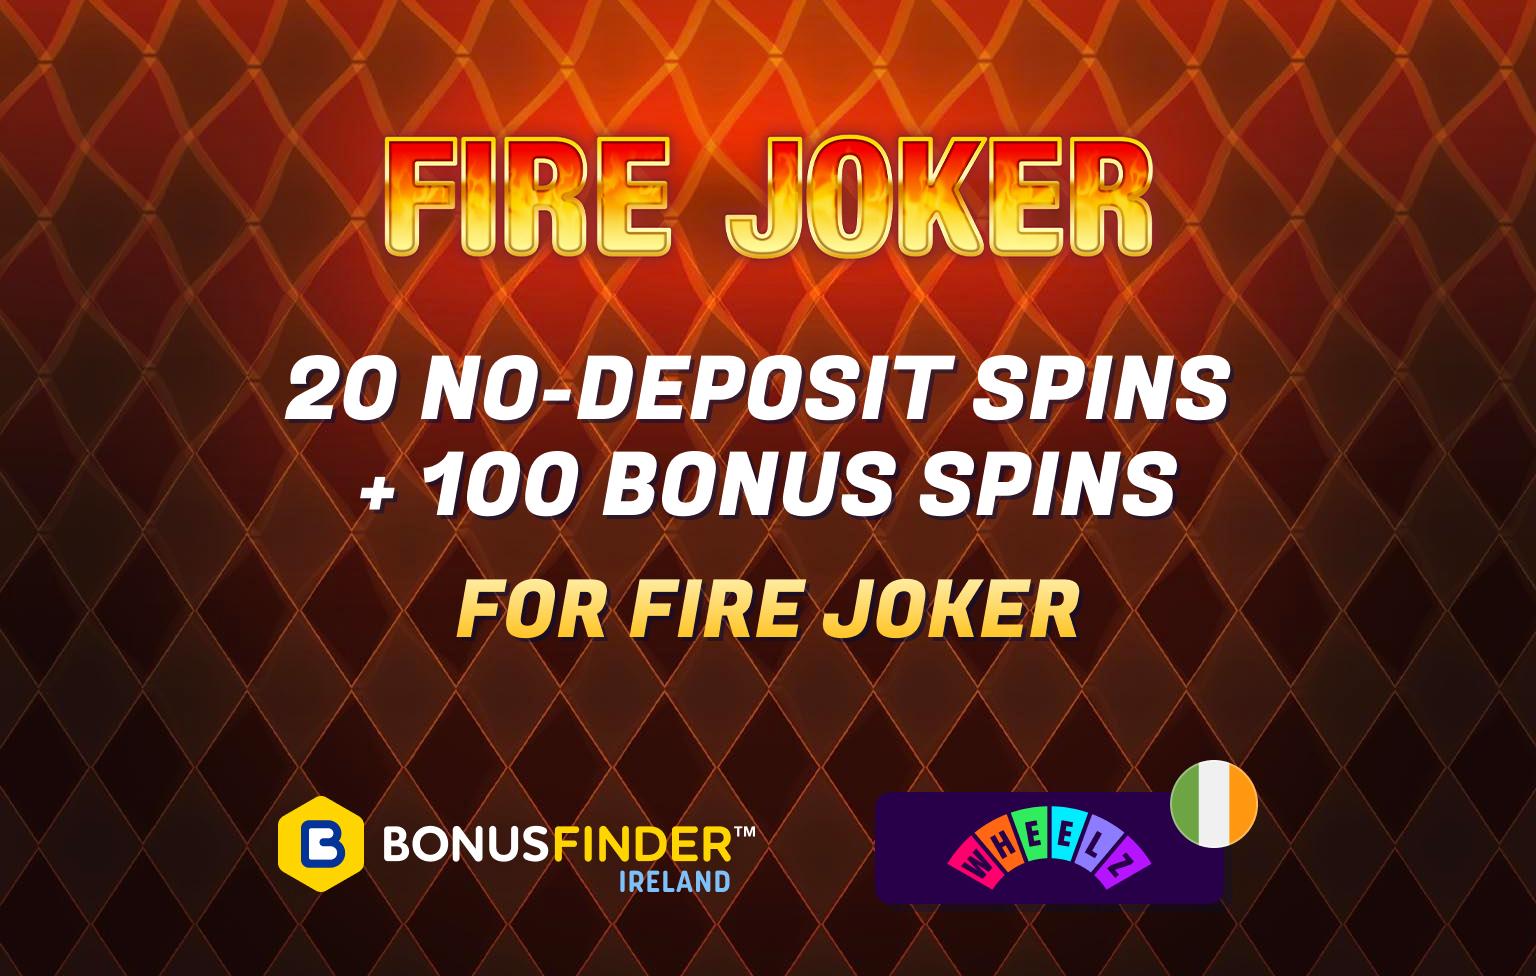 fire joker free spins